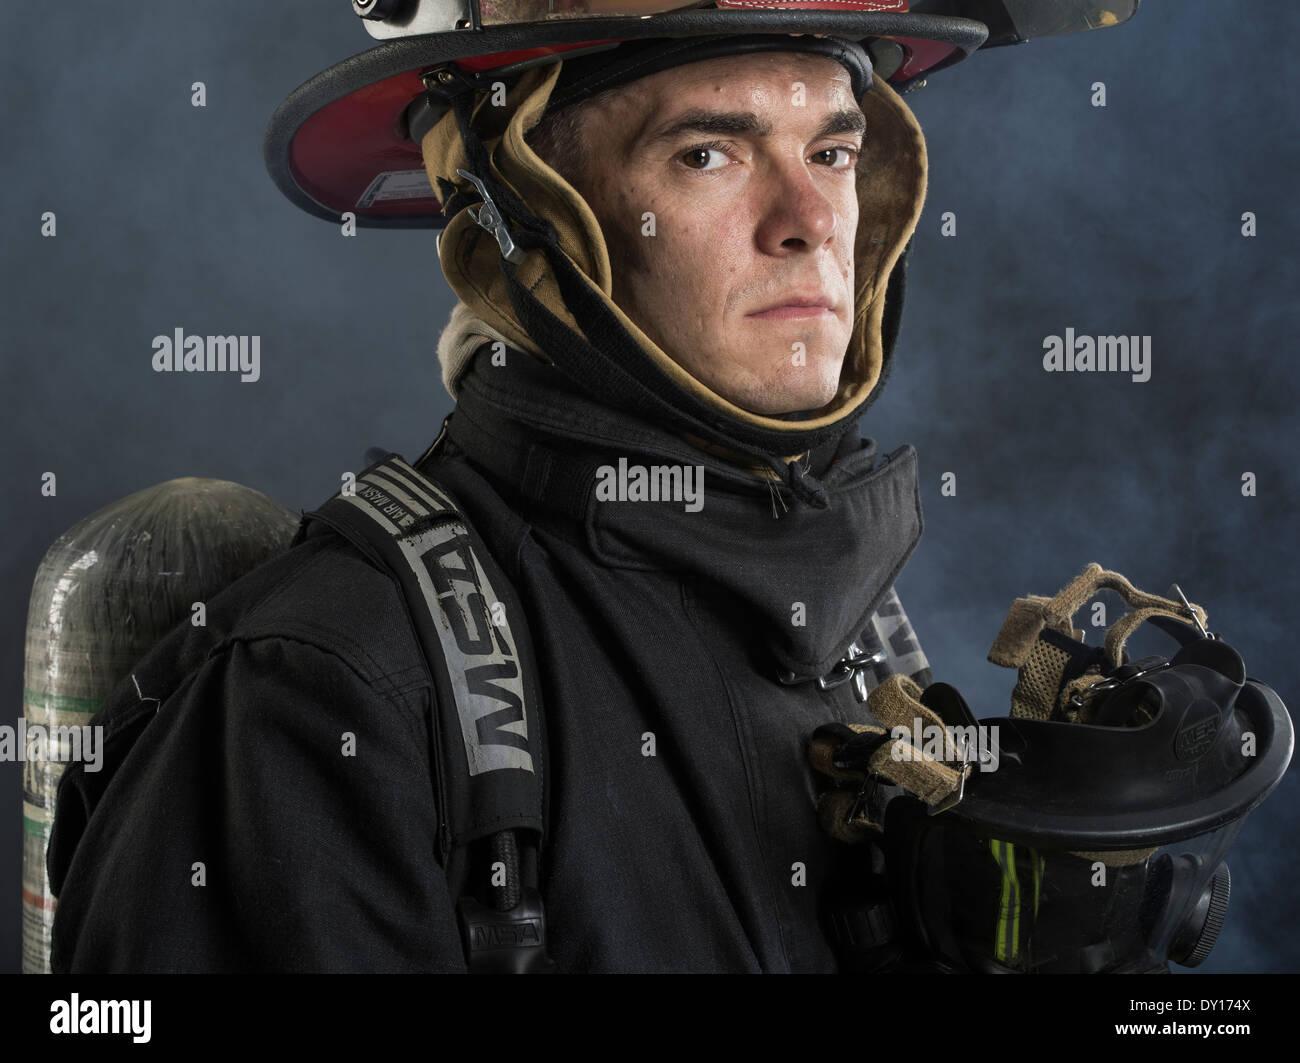 Femme pompier dans l'incendie de structure uniforme avec les appareils respiratoires et ax Photo Stock